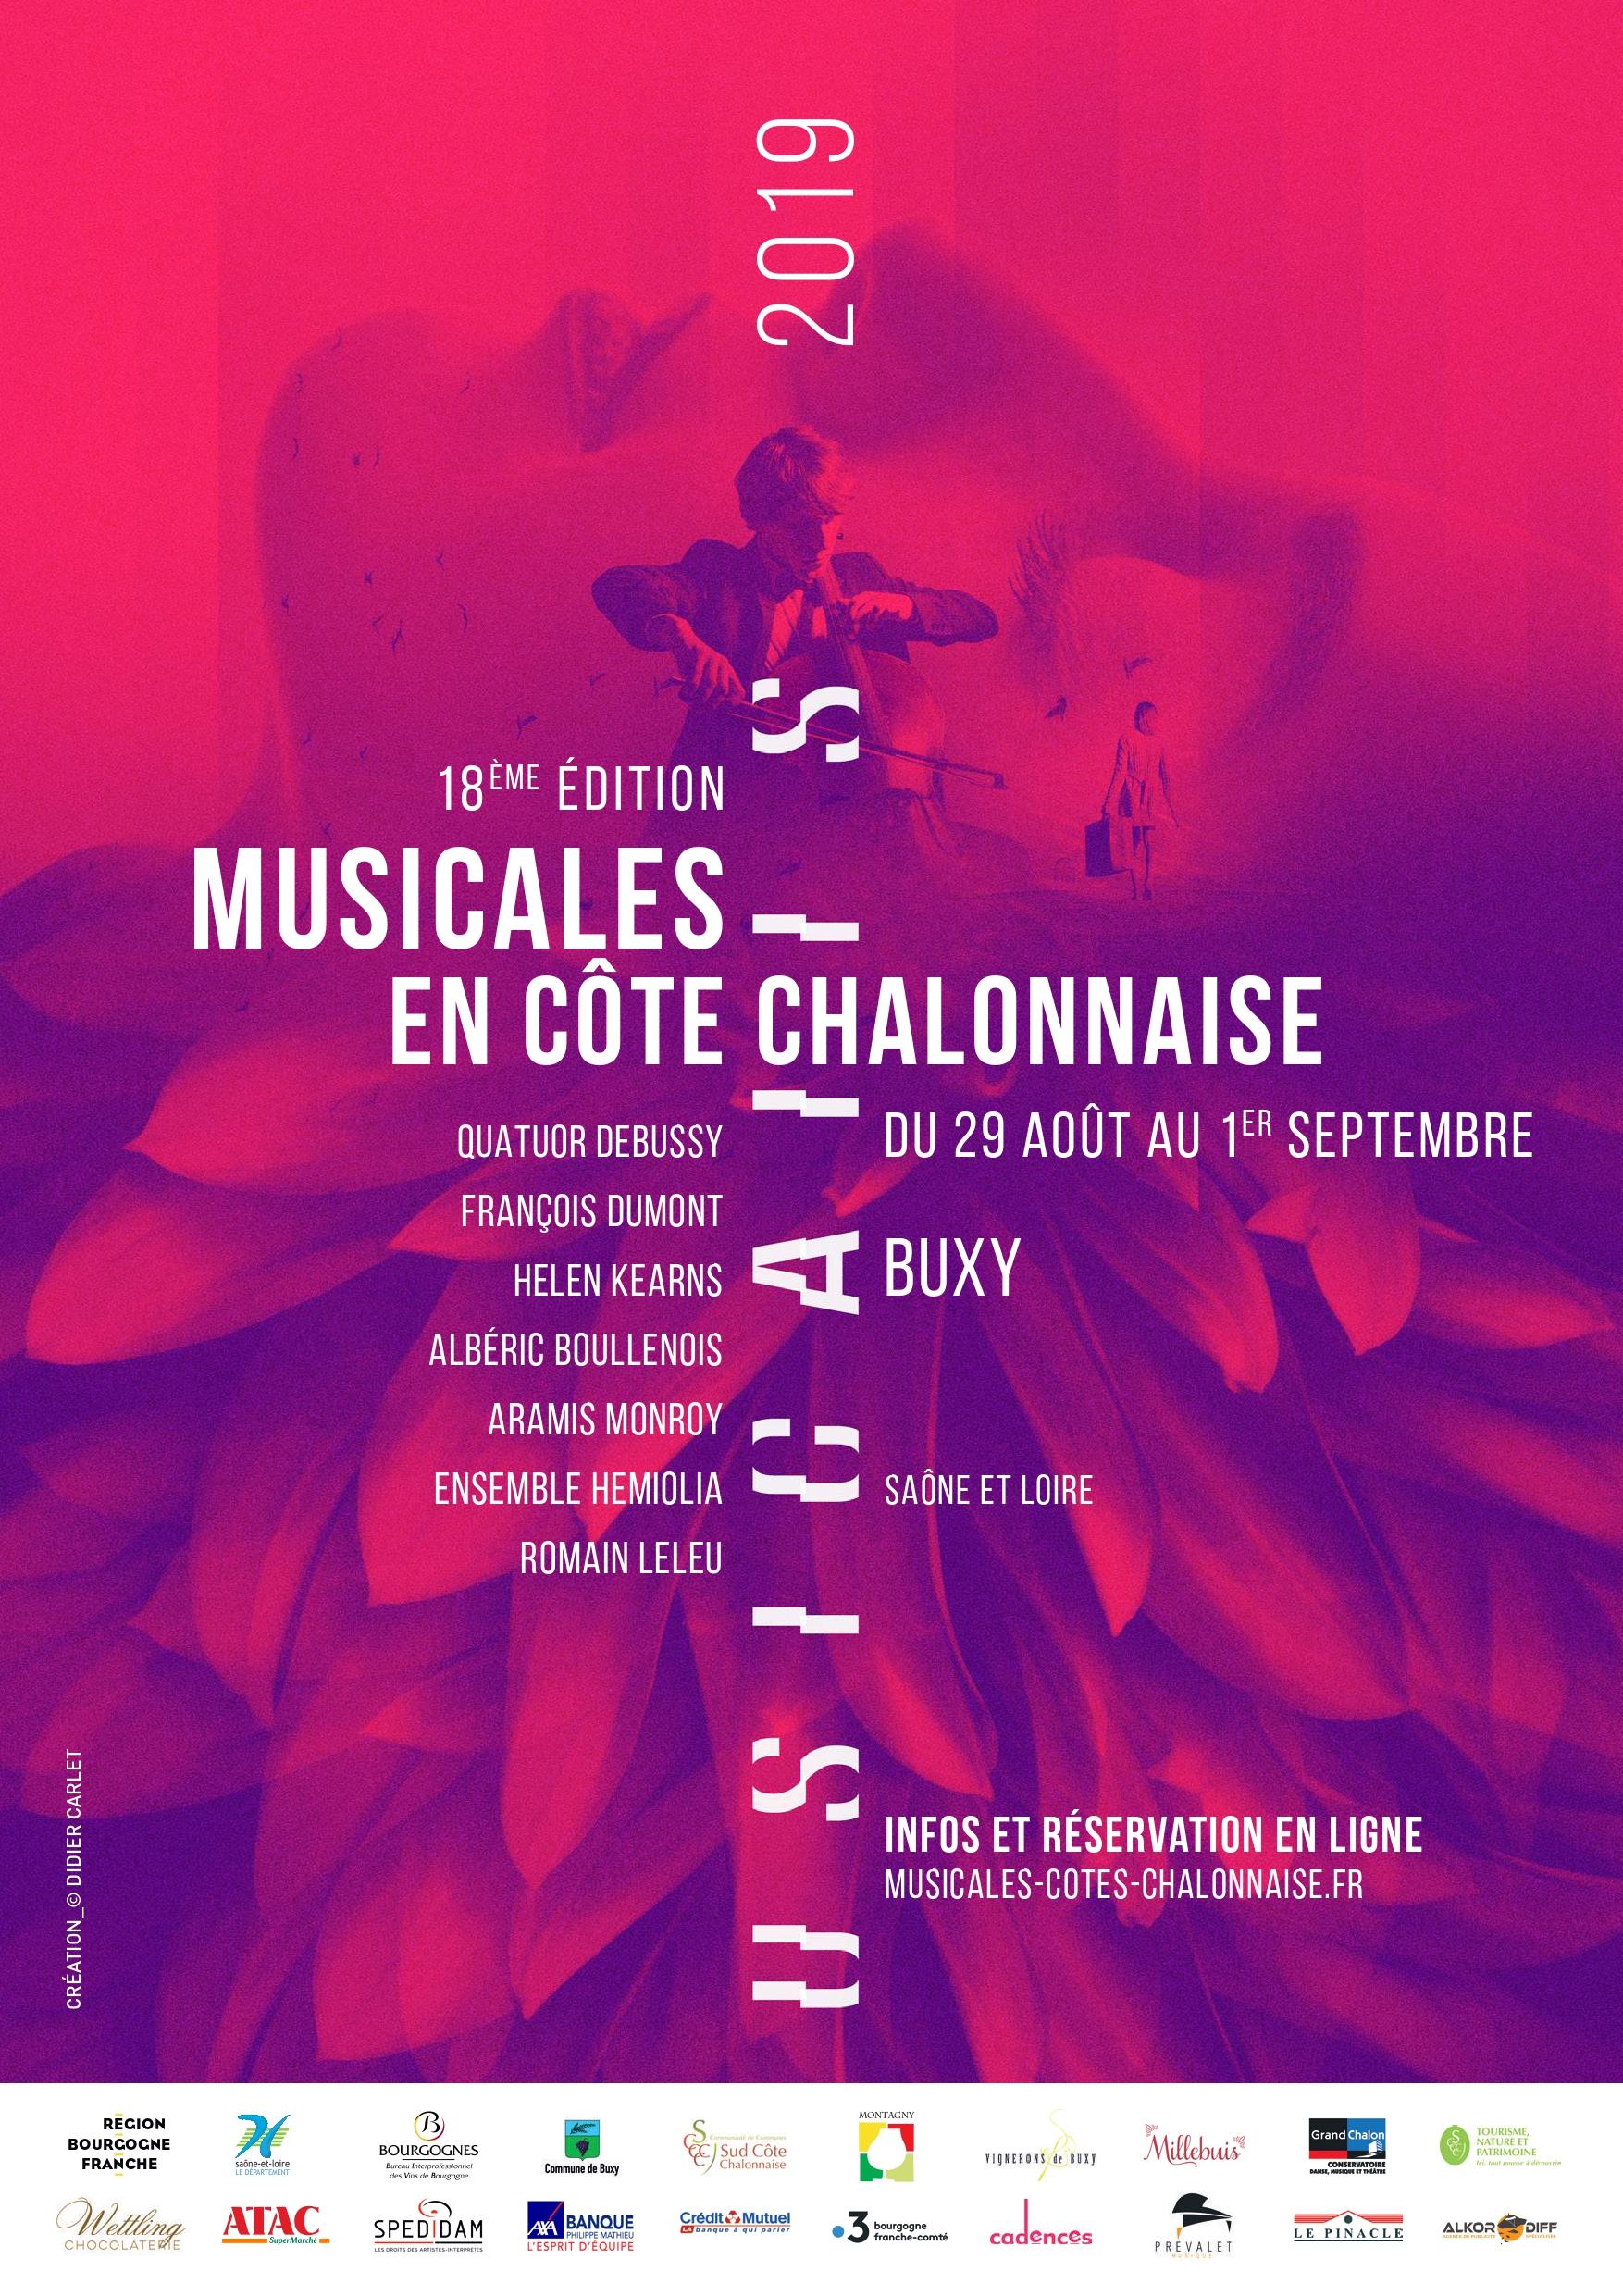 Festival Musicales En Cote Chalonnaise 2019